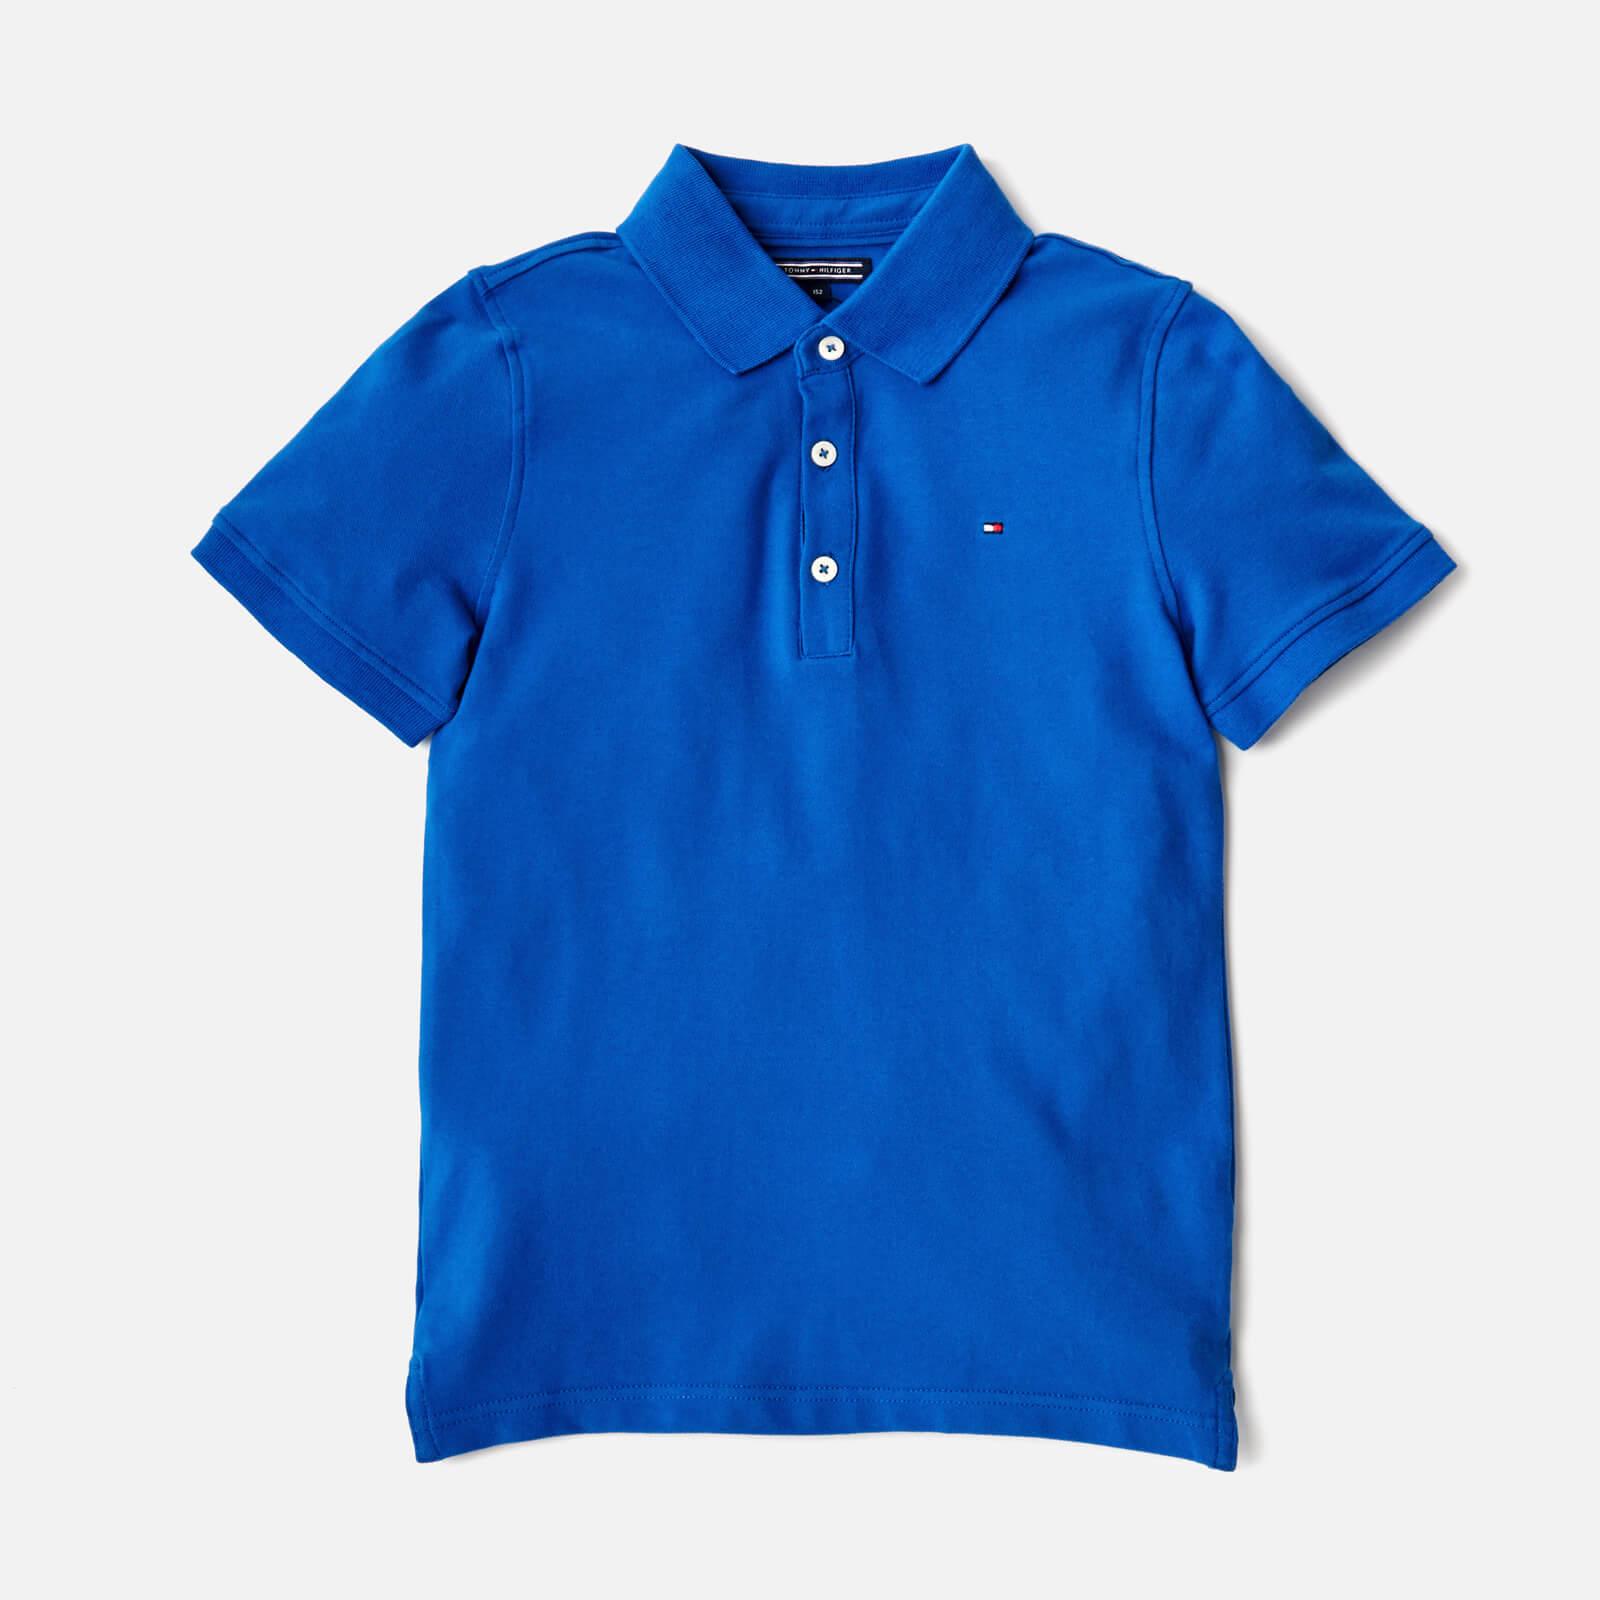 f9b76918 Tommy Hilfiger Boys' Polo Shirt - Nautical Blue Clothing | TheHut.com